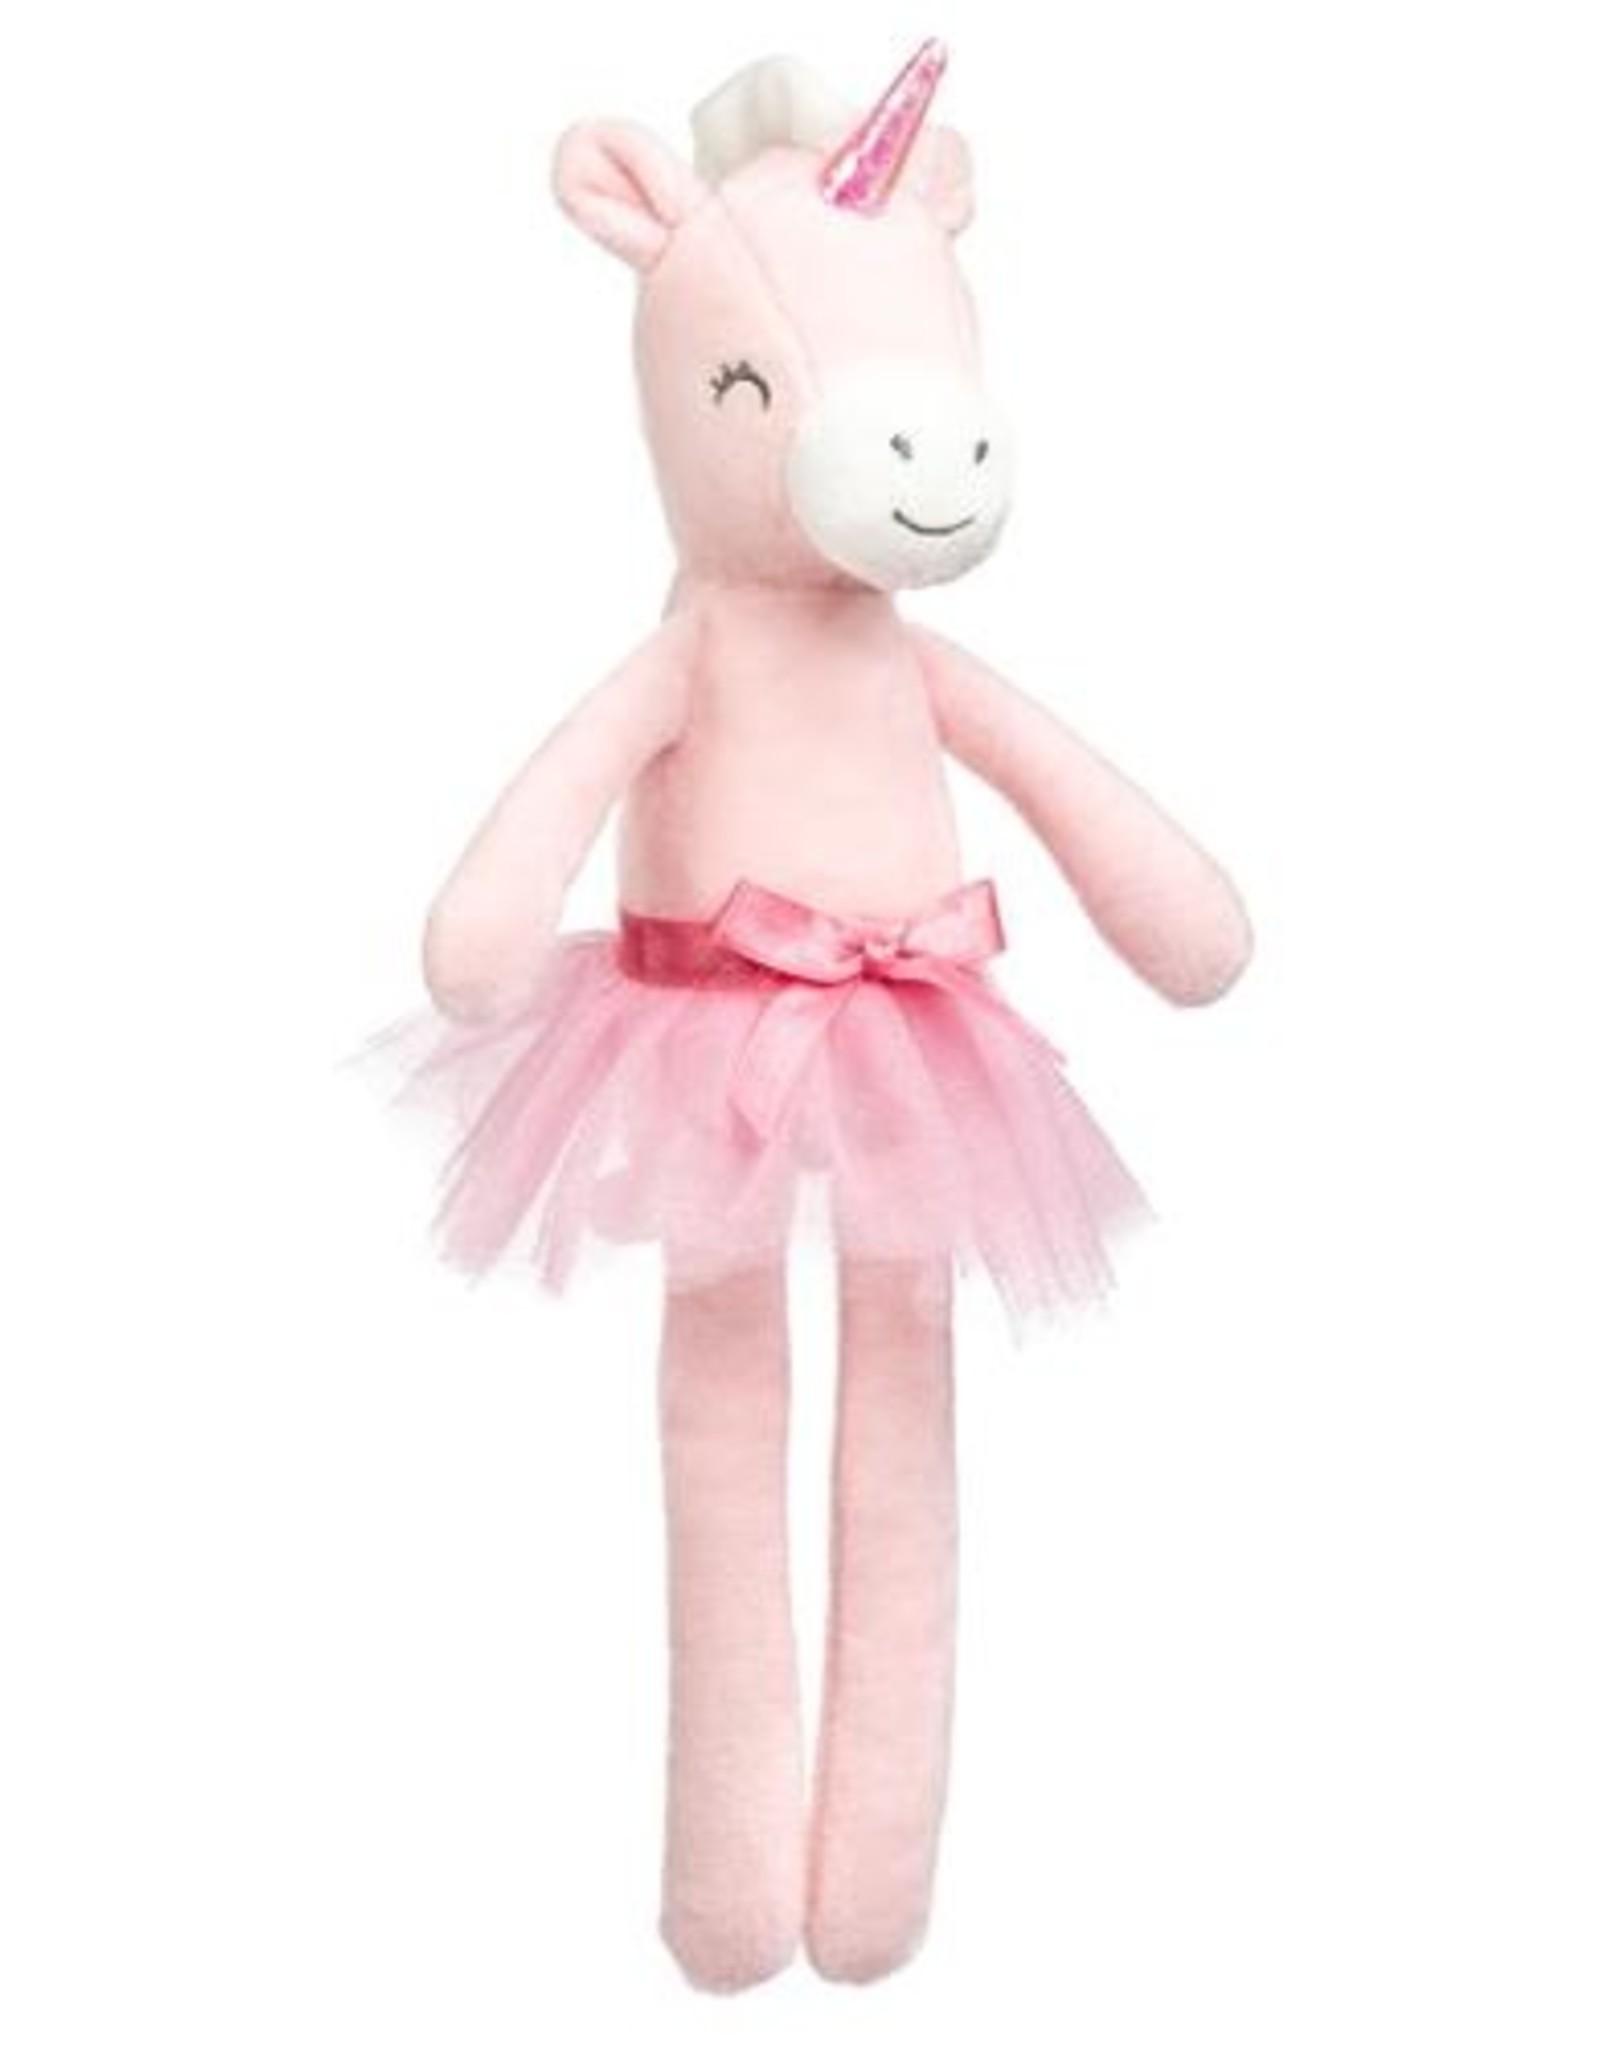 Stuffie Doll: Small Unicorn